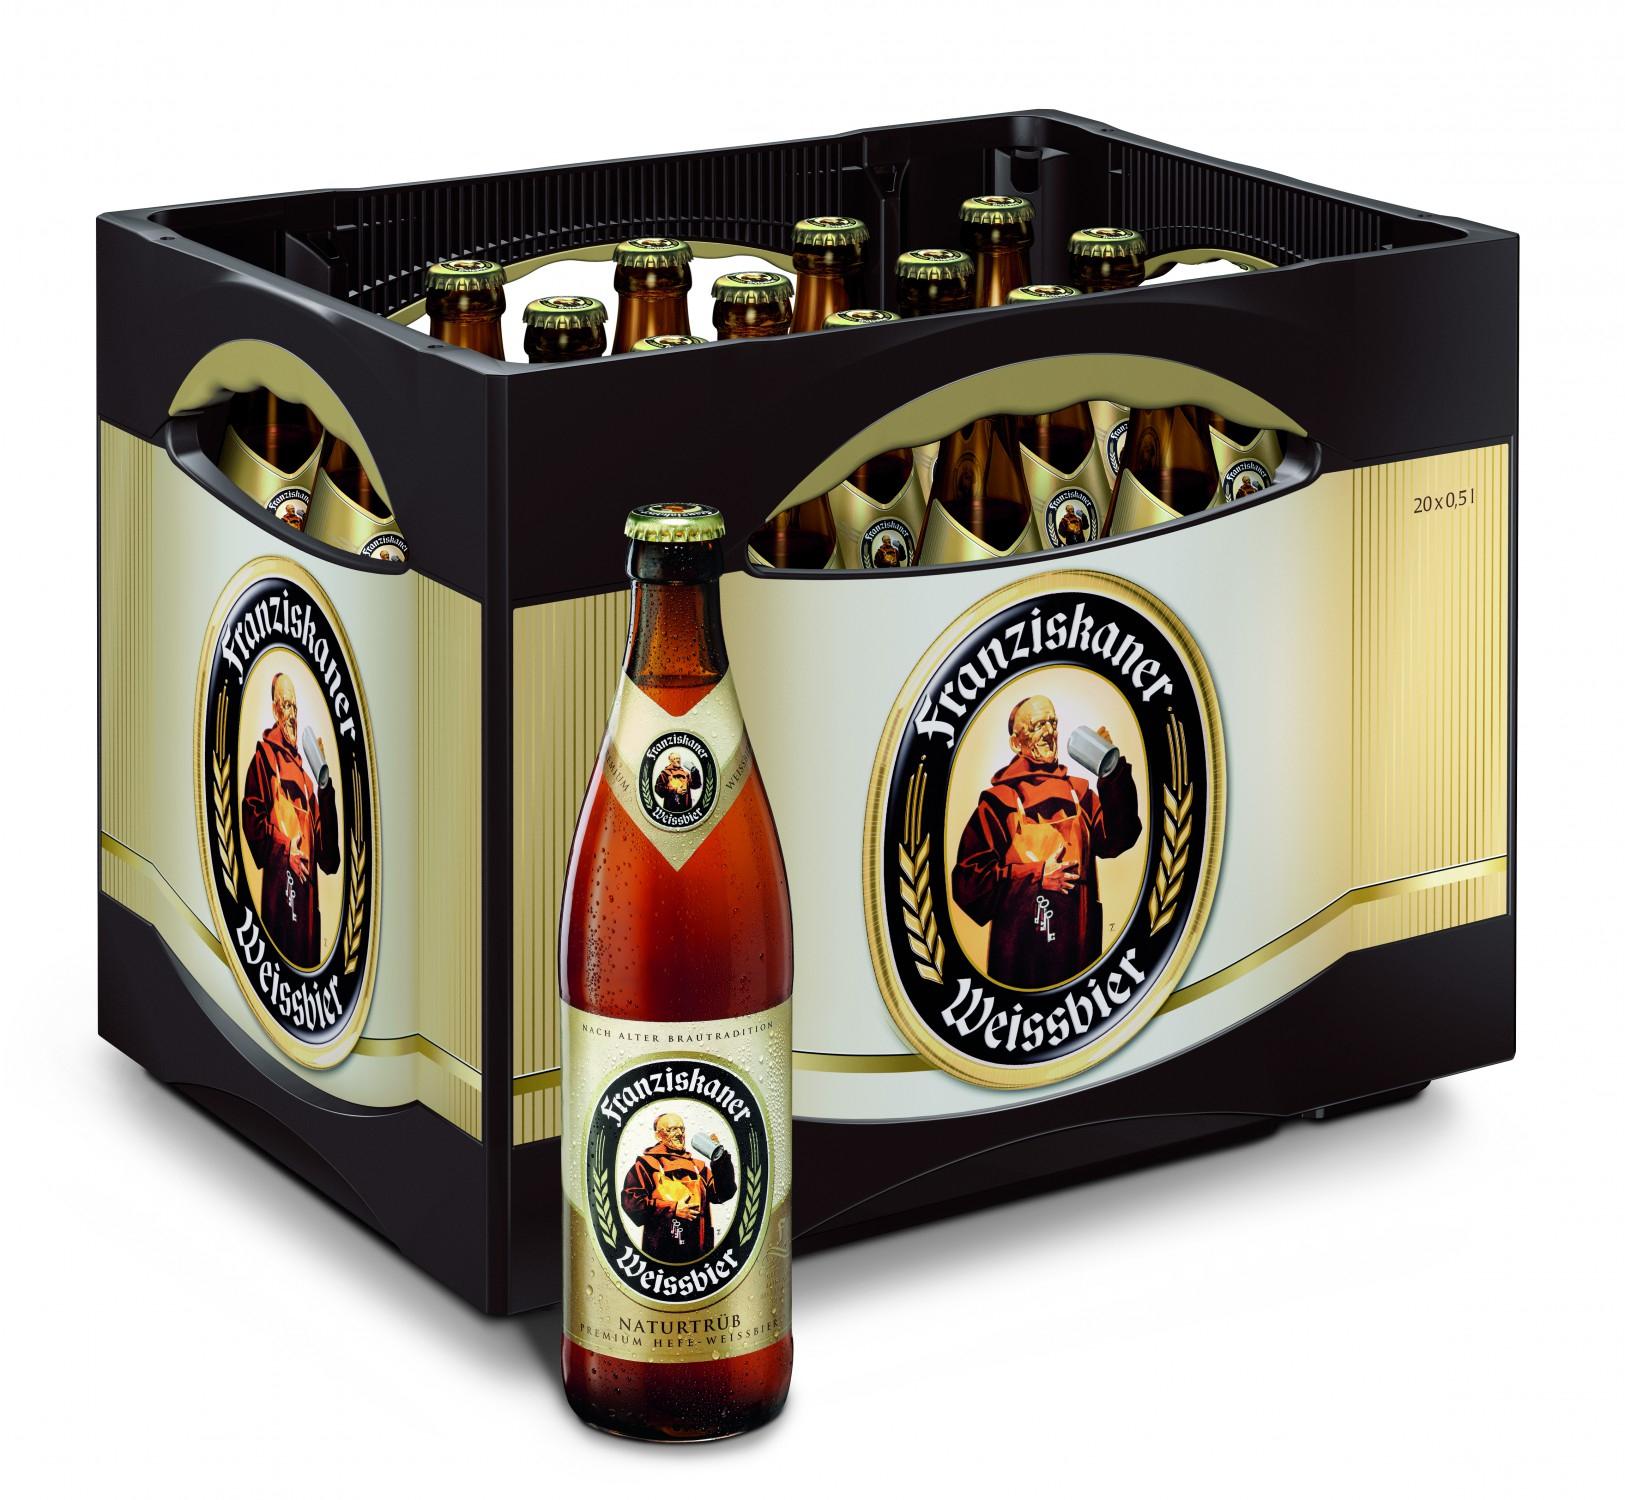 [EDEKA SÜDWEST] Franziskaner Weissbier 10,99€ [verschiedene Sorten, Kiste mit 20 x 0,5-L-Flaschen zzgl. 3,10 € Pfand (1 L = € 1,10)]